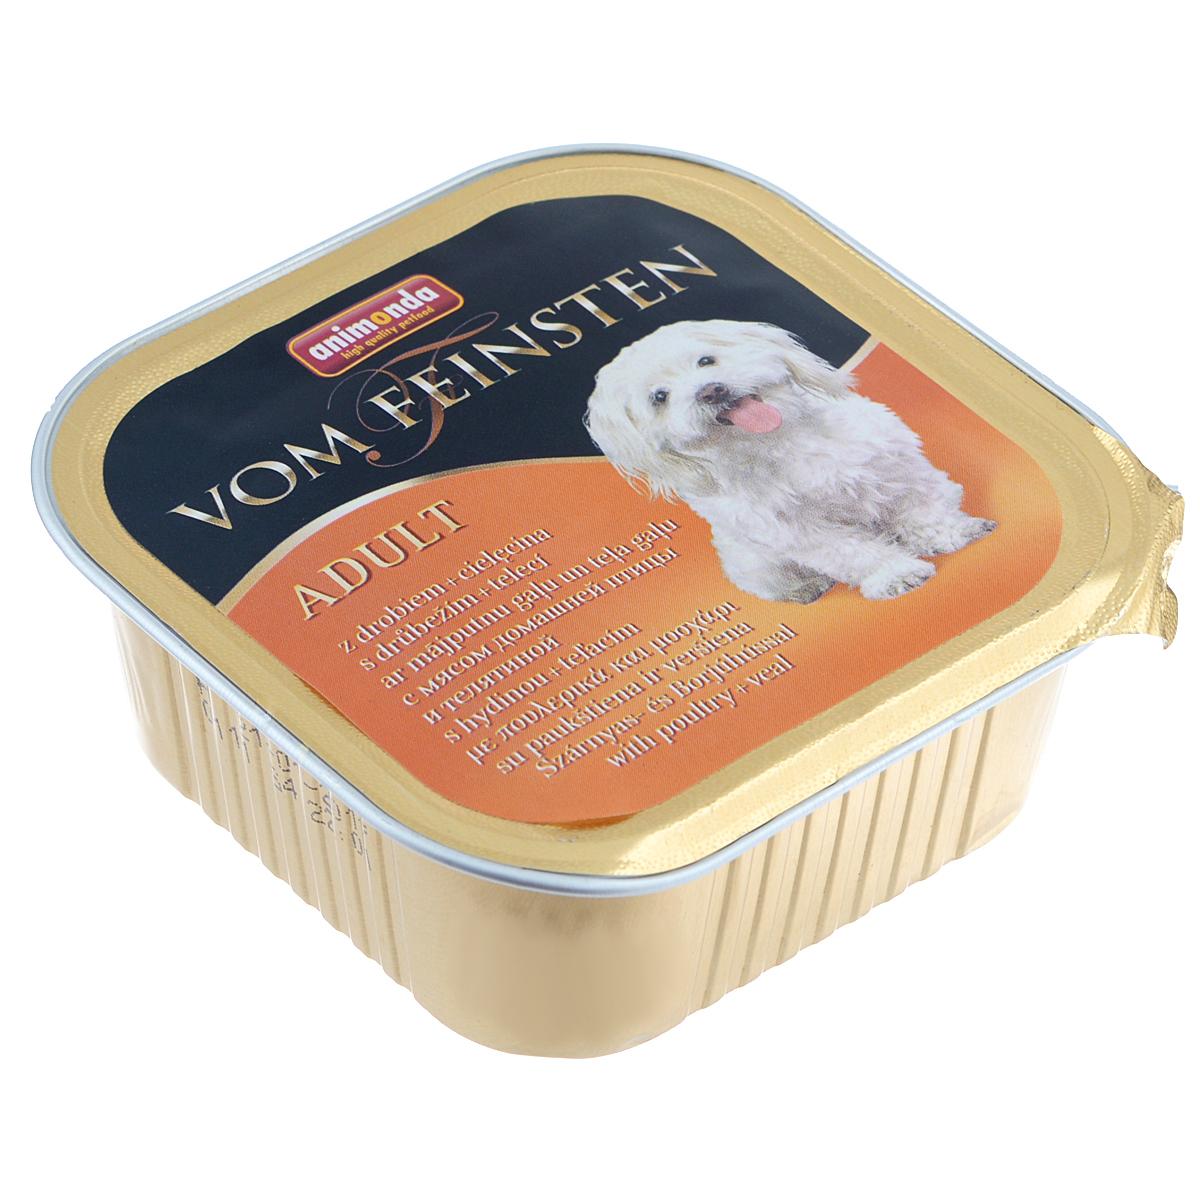 Консервы Animonda Vom Feinsten для взрослых собак, с домашней птицей и телятиной, 150 г46675Консервы Animonda Vom Feinsten - это консервированное полноценное и деликатесное питание на основе отборного мяса в комбинации со специальными ингредиентами для взрослых собак высшего качества. Состав: мясо и мясные продукты 63% (домашняя птица 25%, говядина, свинина, телятина 8%), бульон, минералы. Анализ: белок 10,5%, жир 4,5%, клетчатка 0,4%, зола 2,5%, влажность 81%. Добавки (на 1 кг продукта): витамин D3 120 МЕ, витамин Е (a-токоферол) 15 мг. Вес: 150 г. Товар сертифицирован.